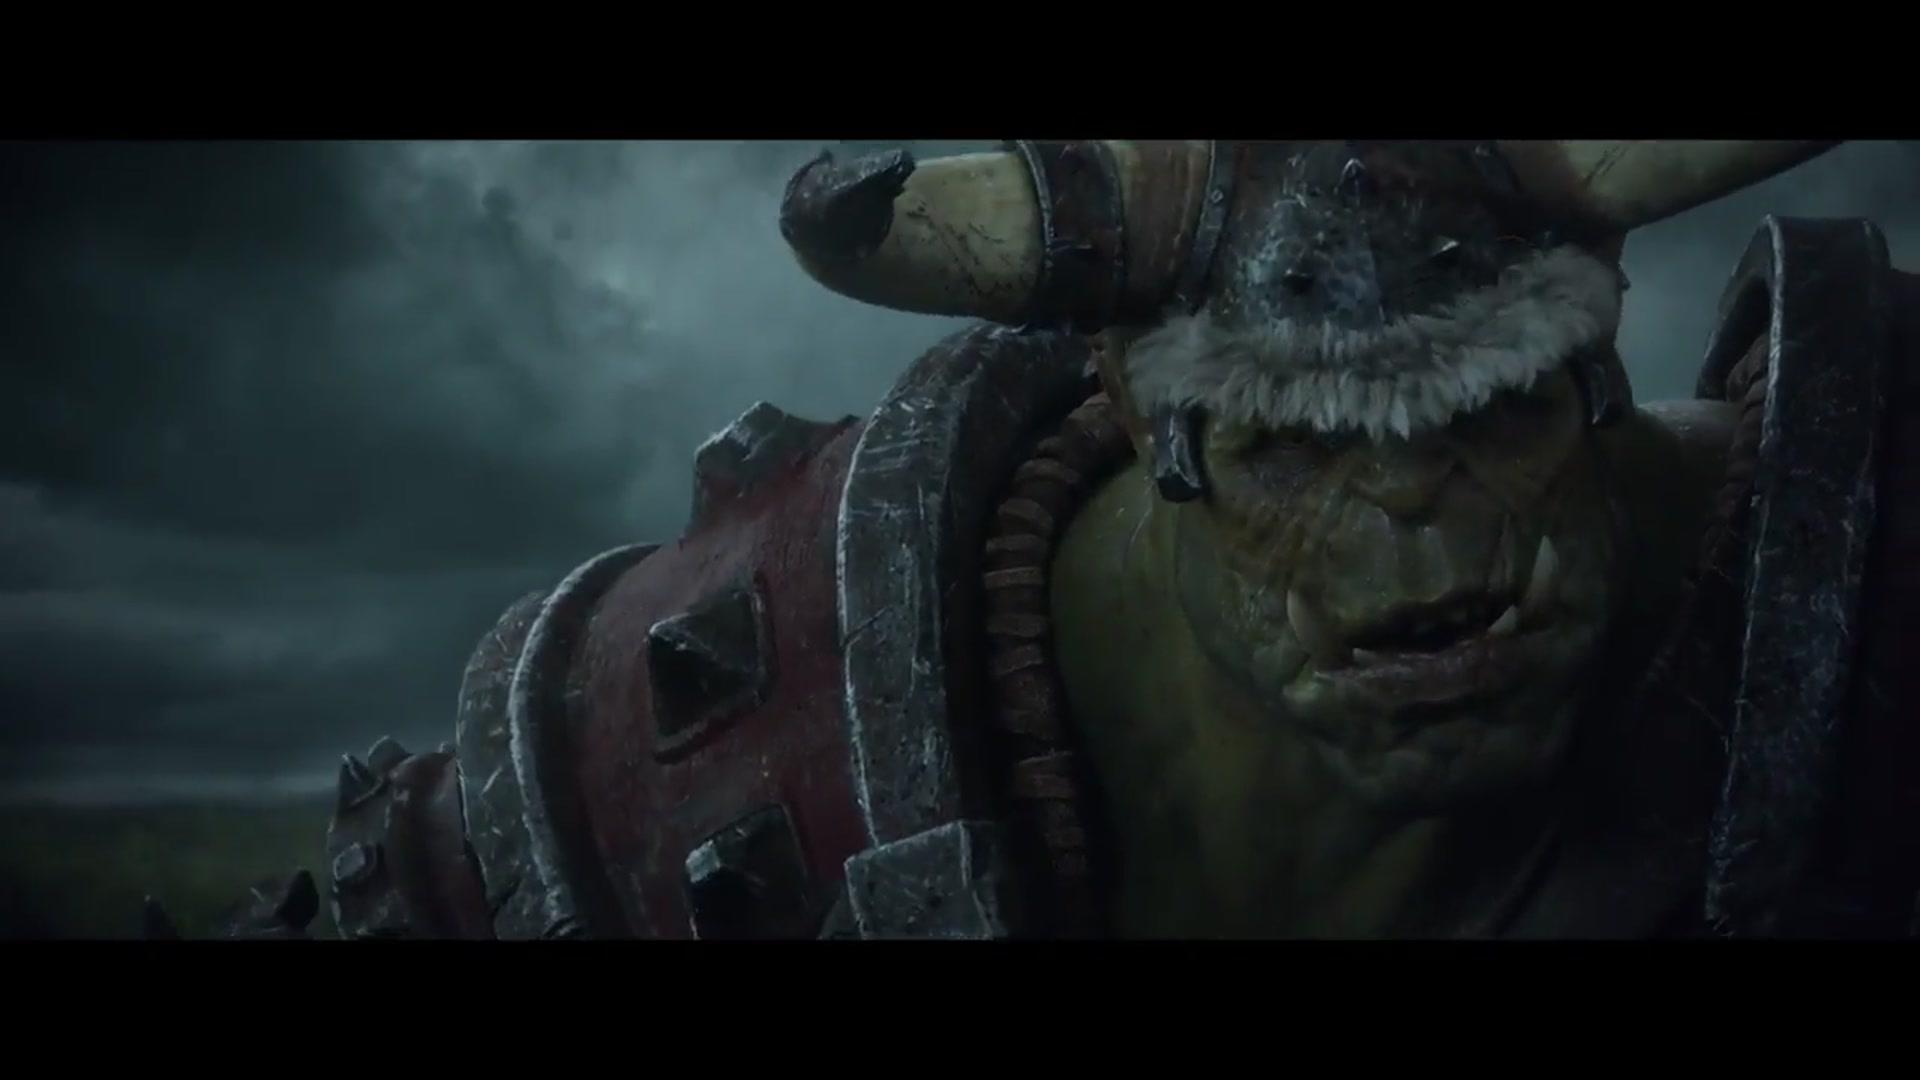 Warcraft 3 Reforged Cinematic Trailer Zum Remaster Mit 4k